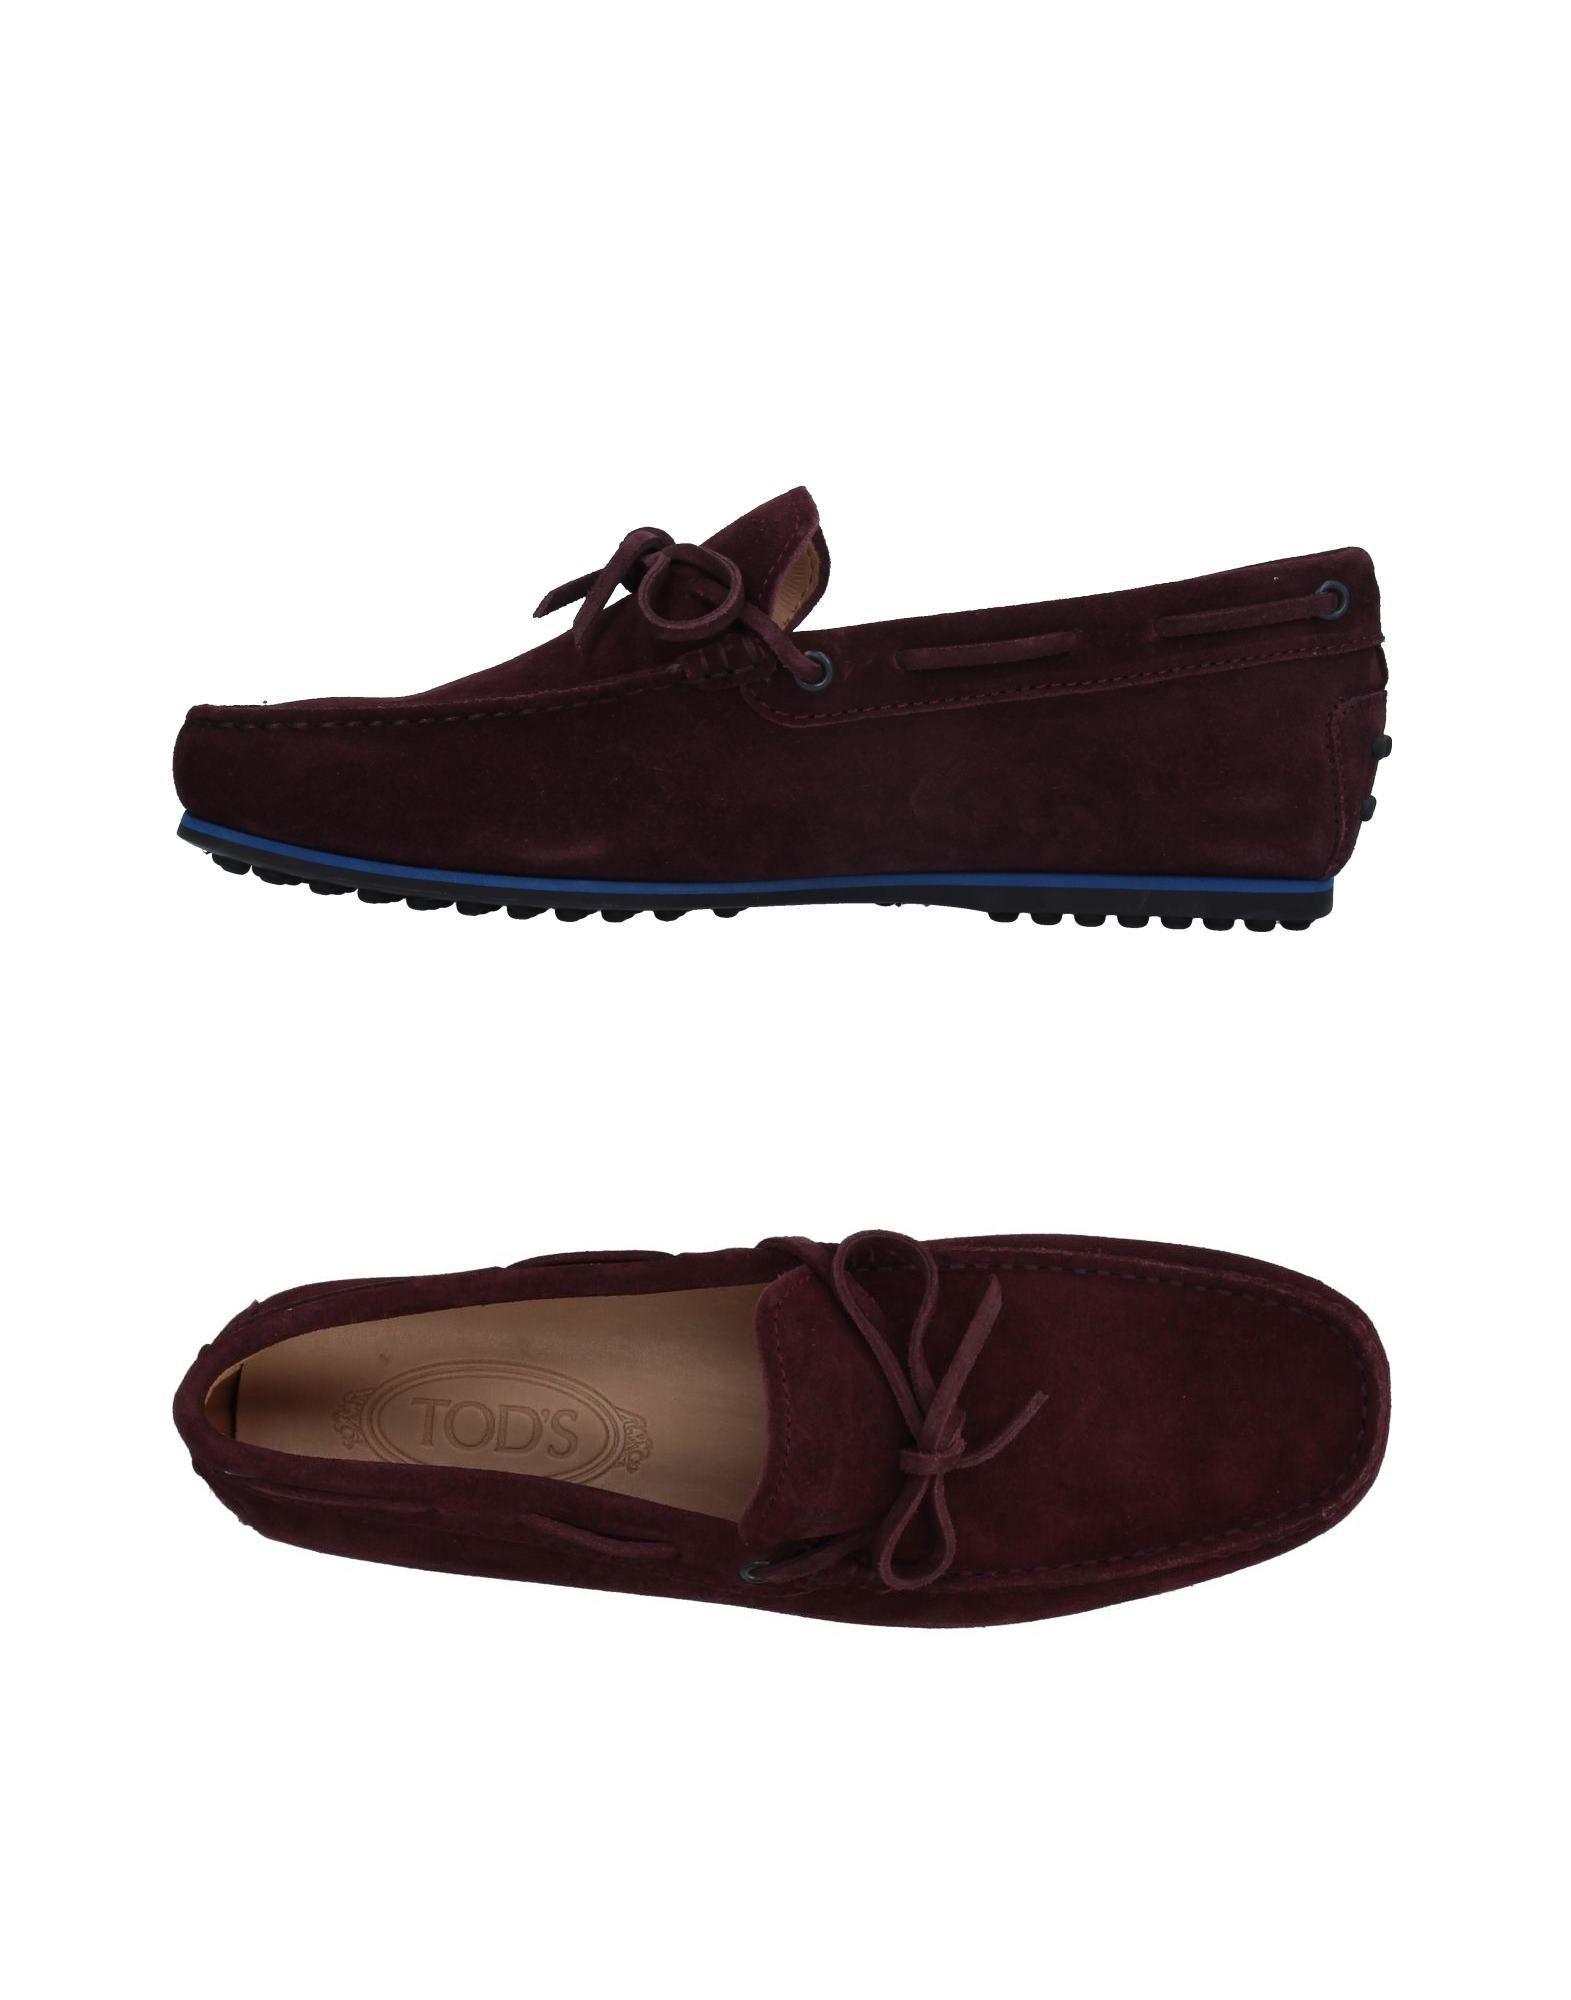 Tod's Mokassins Herren  Schuhe 11298804BM Gute Qualität beliebte Schuhe  79b7d0